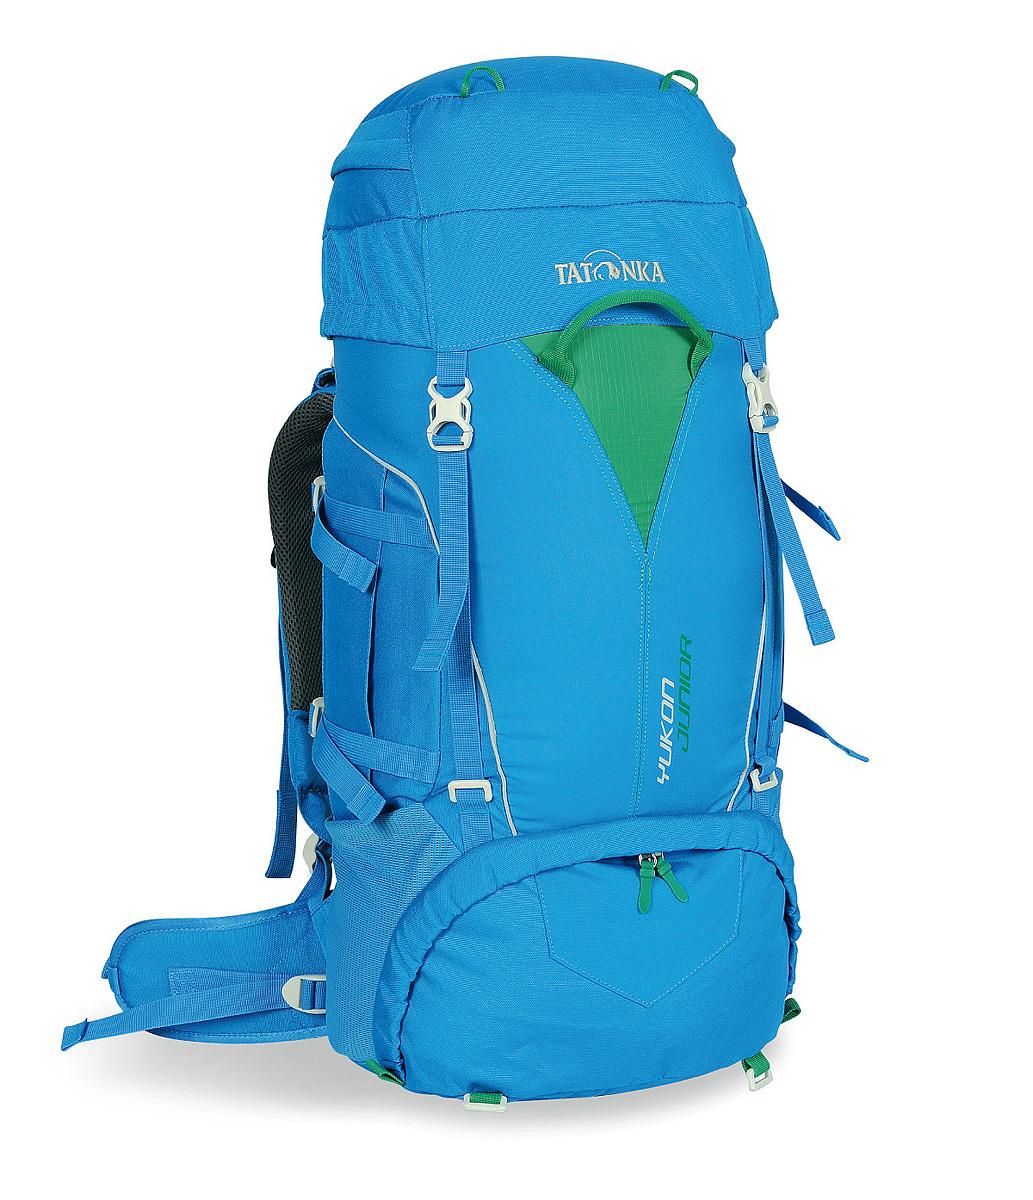 Детский походный рюкзак Tatonka Yukon Junior, цвет: синий, 27л1410.194Детский походный рюкзак Tatonka Yukon Junior с оптимальными параметрами для размещения необходимых вещей. Рюкзак представляет собой идеальный баланс легкости, прочности и комфорта.Регулируемая система спины Y1 позволяет настроить рюкзак под конкретные параметры ребенка, что делает переносу рюкзака очень комфортной.Объем: 27 л